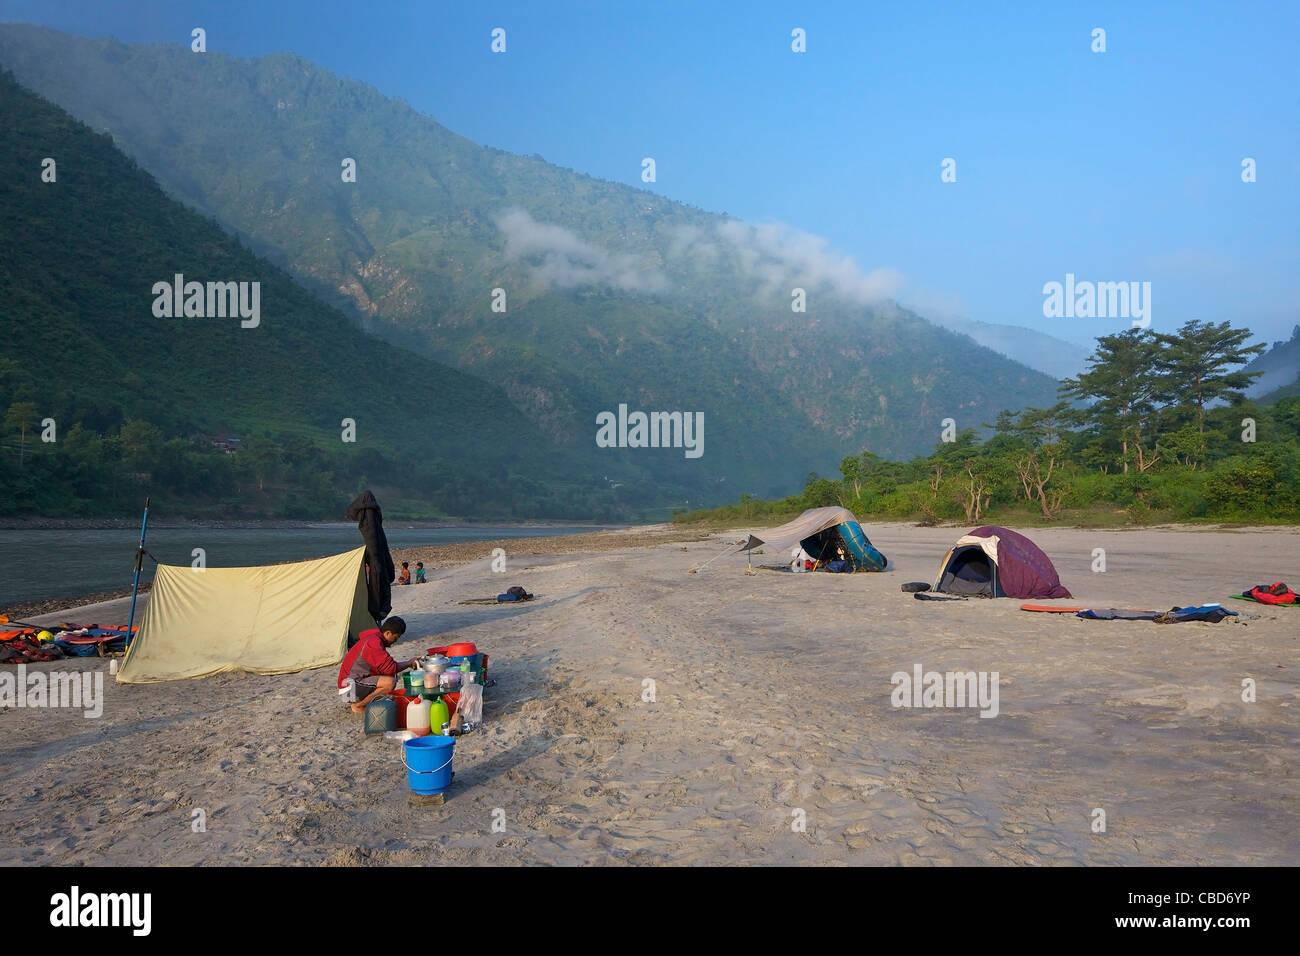 Camping La noche en viaje de rafting por el río Sun Kosi, Nepal, Asia Imagen De Stock